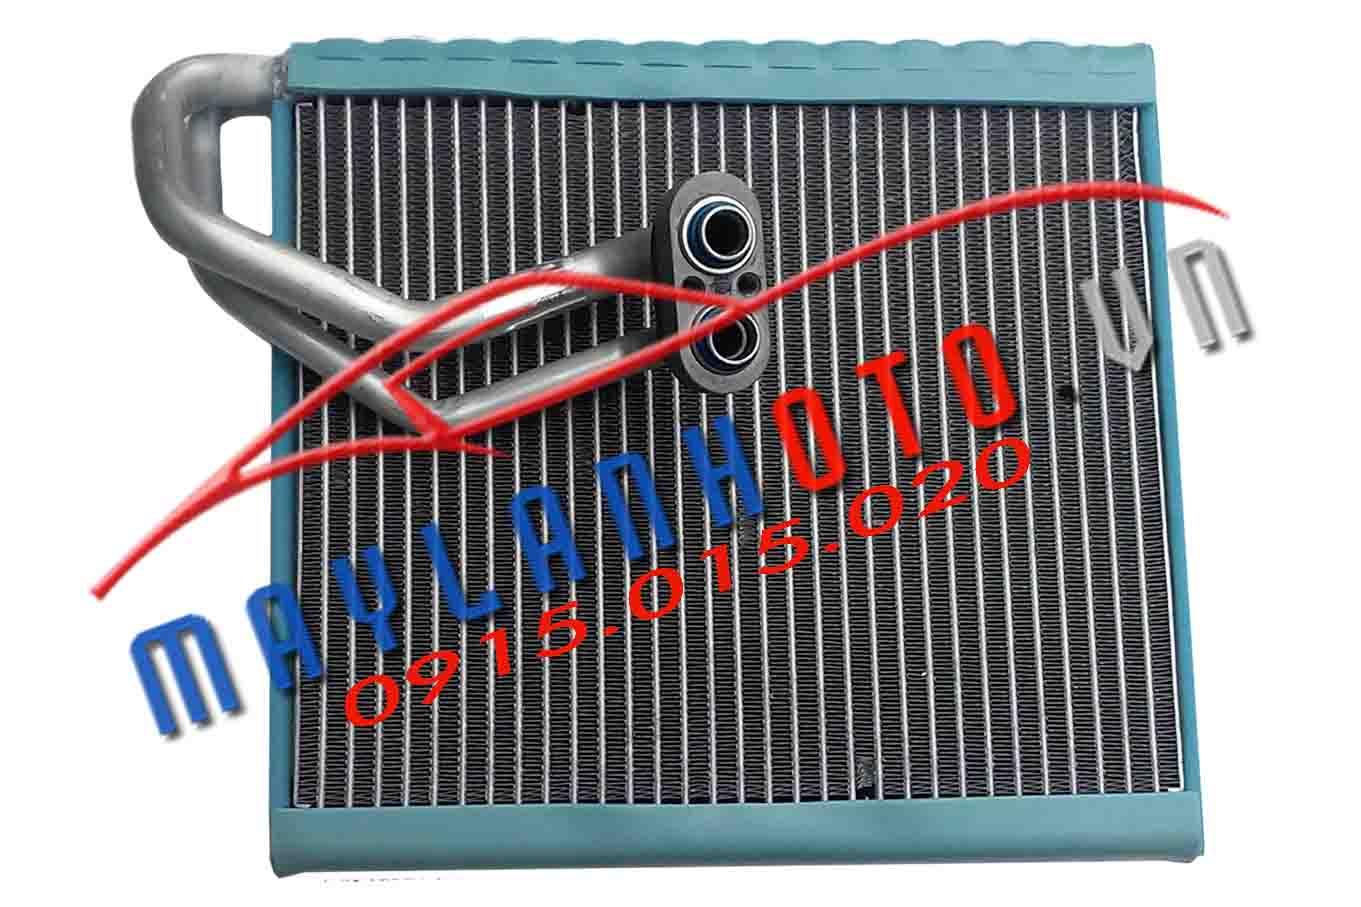 Hyundai Accent 10-16 / Dàn lạnh Hyundai Accent 2010-2016 / Giàn lạnh Hyundai Accent 2010-2016